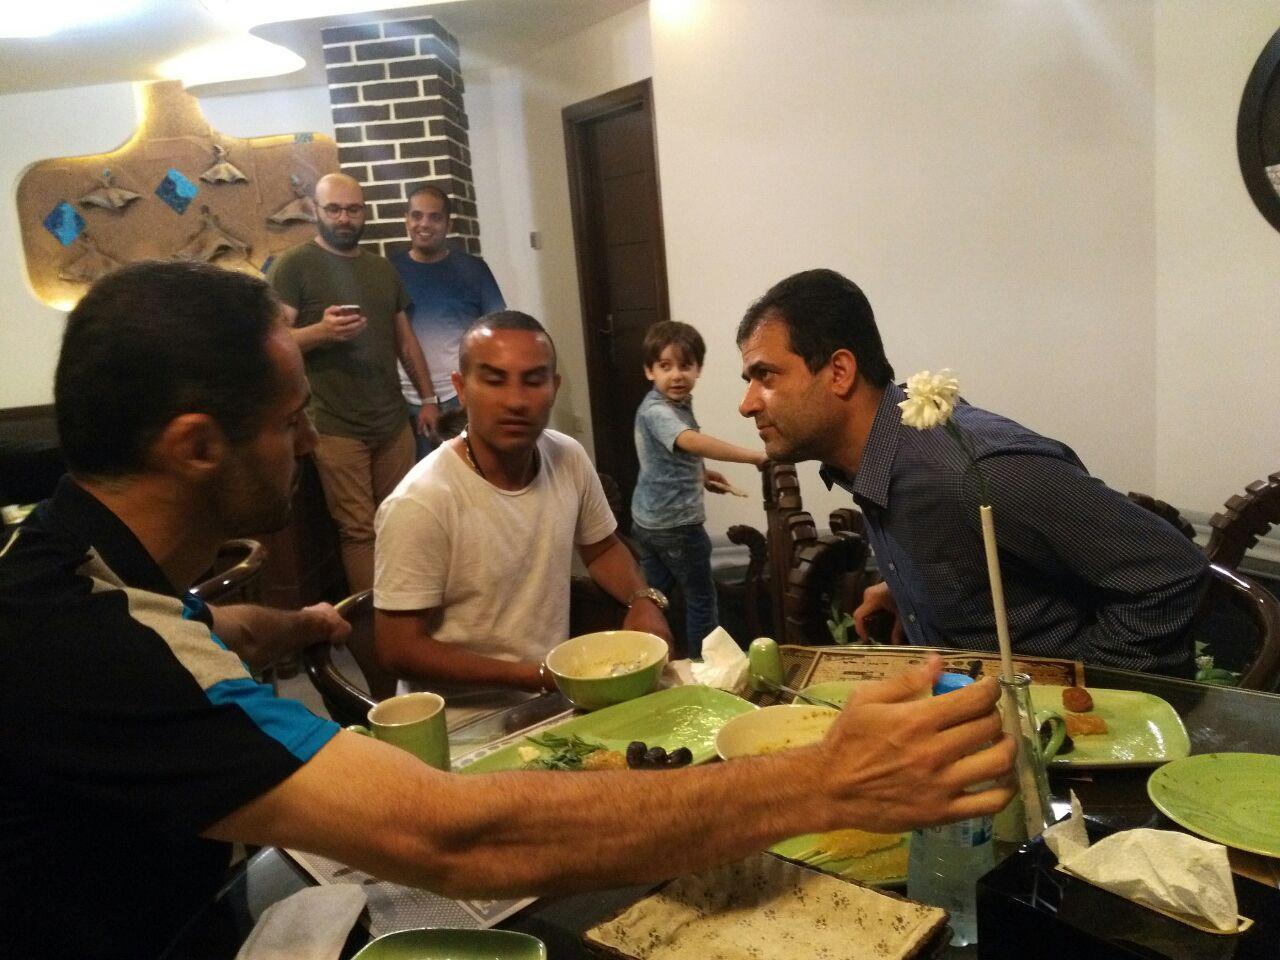 اختصاصی/گزارش تصویری ضیافت افطاری بازیکنان سپیدرود در رشت